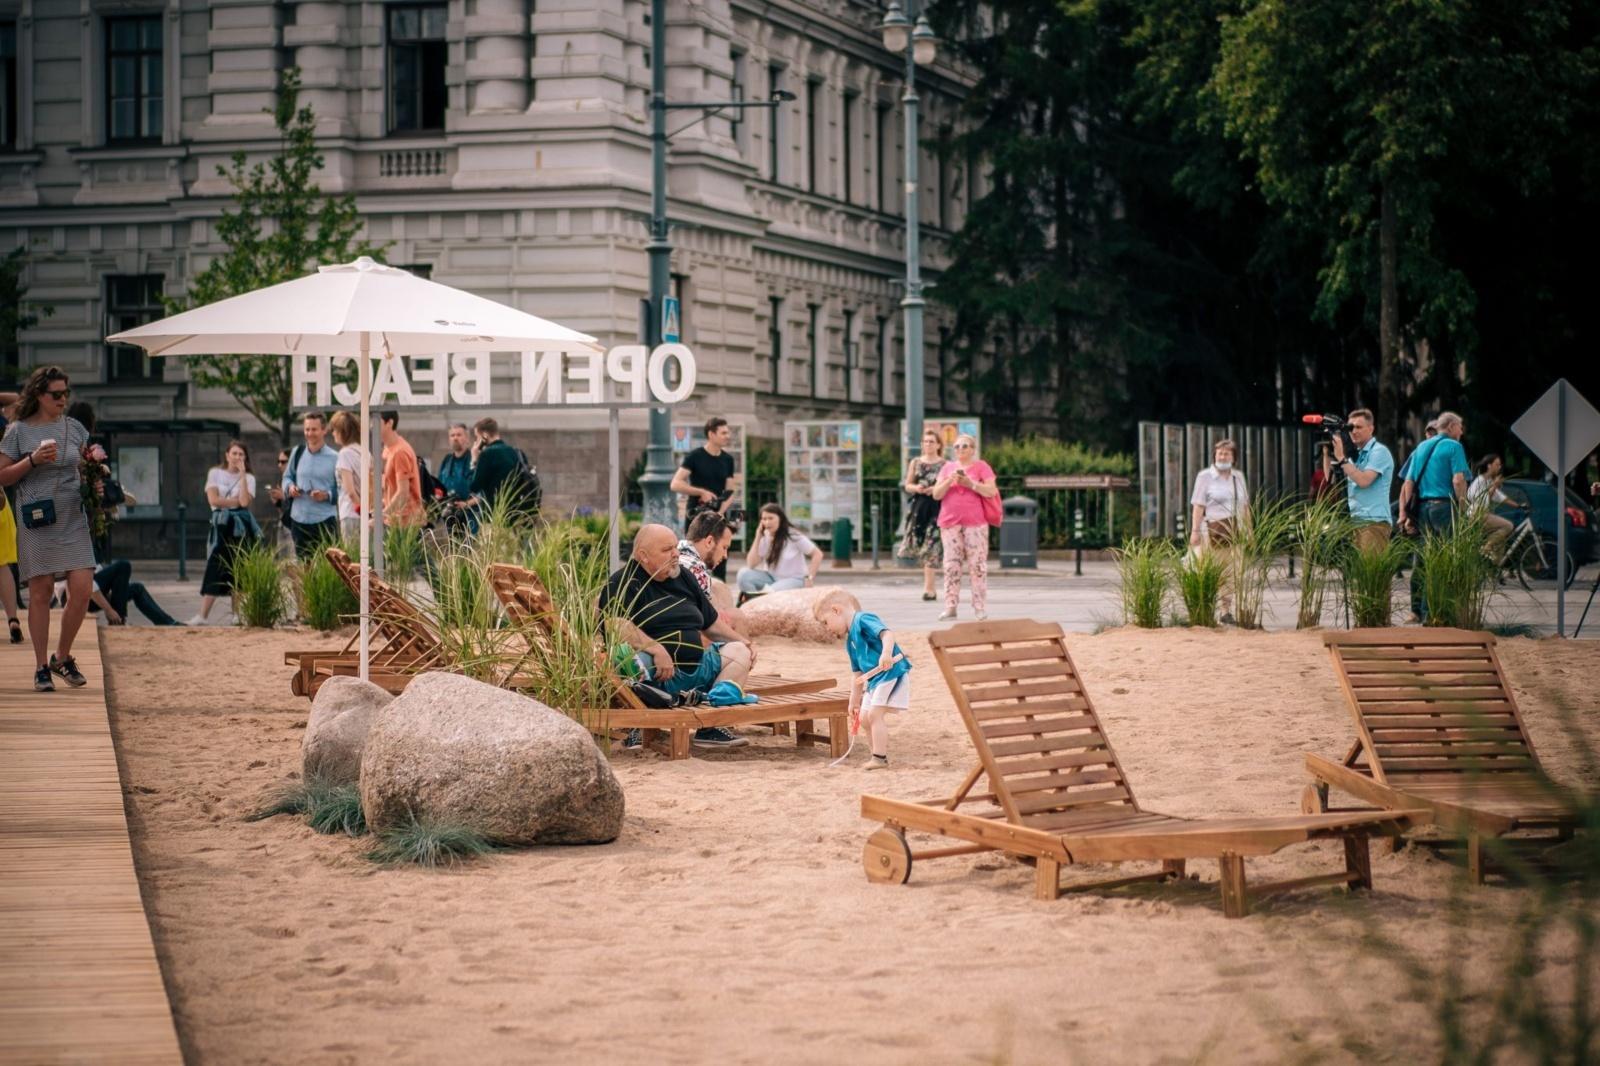 Poilsiautojai išsilakstė: Lukiškių aikštėje įrengtame pliaže pripilta fekalijų